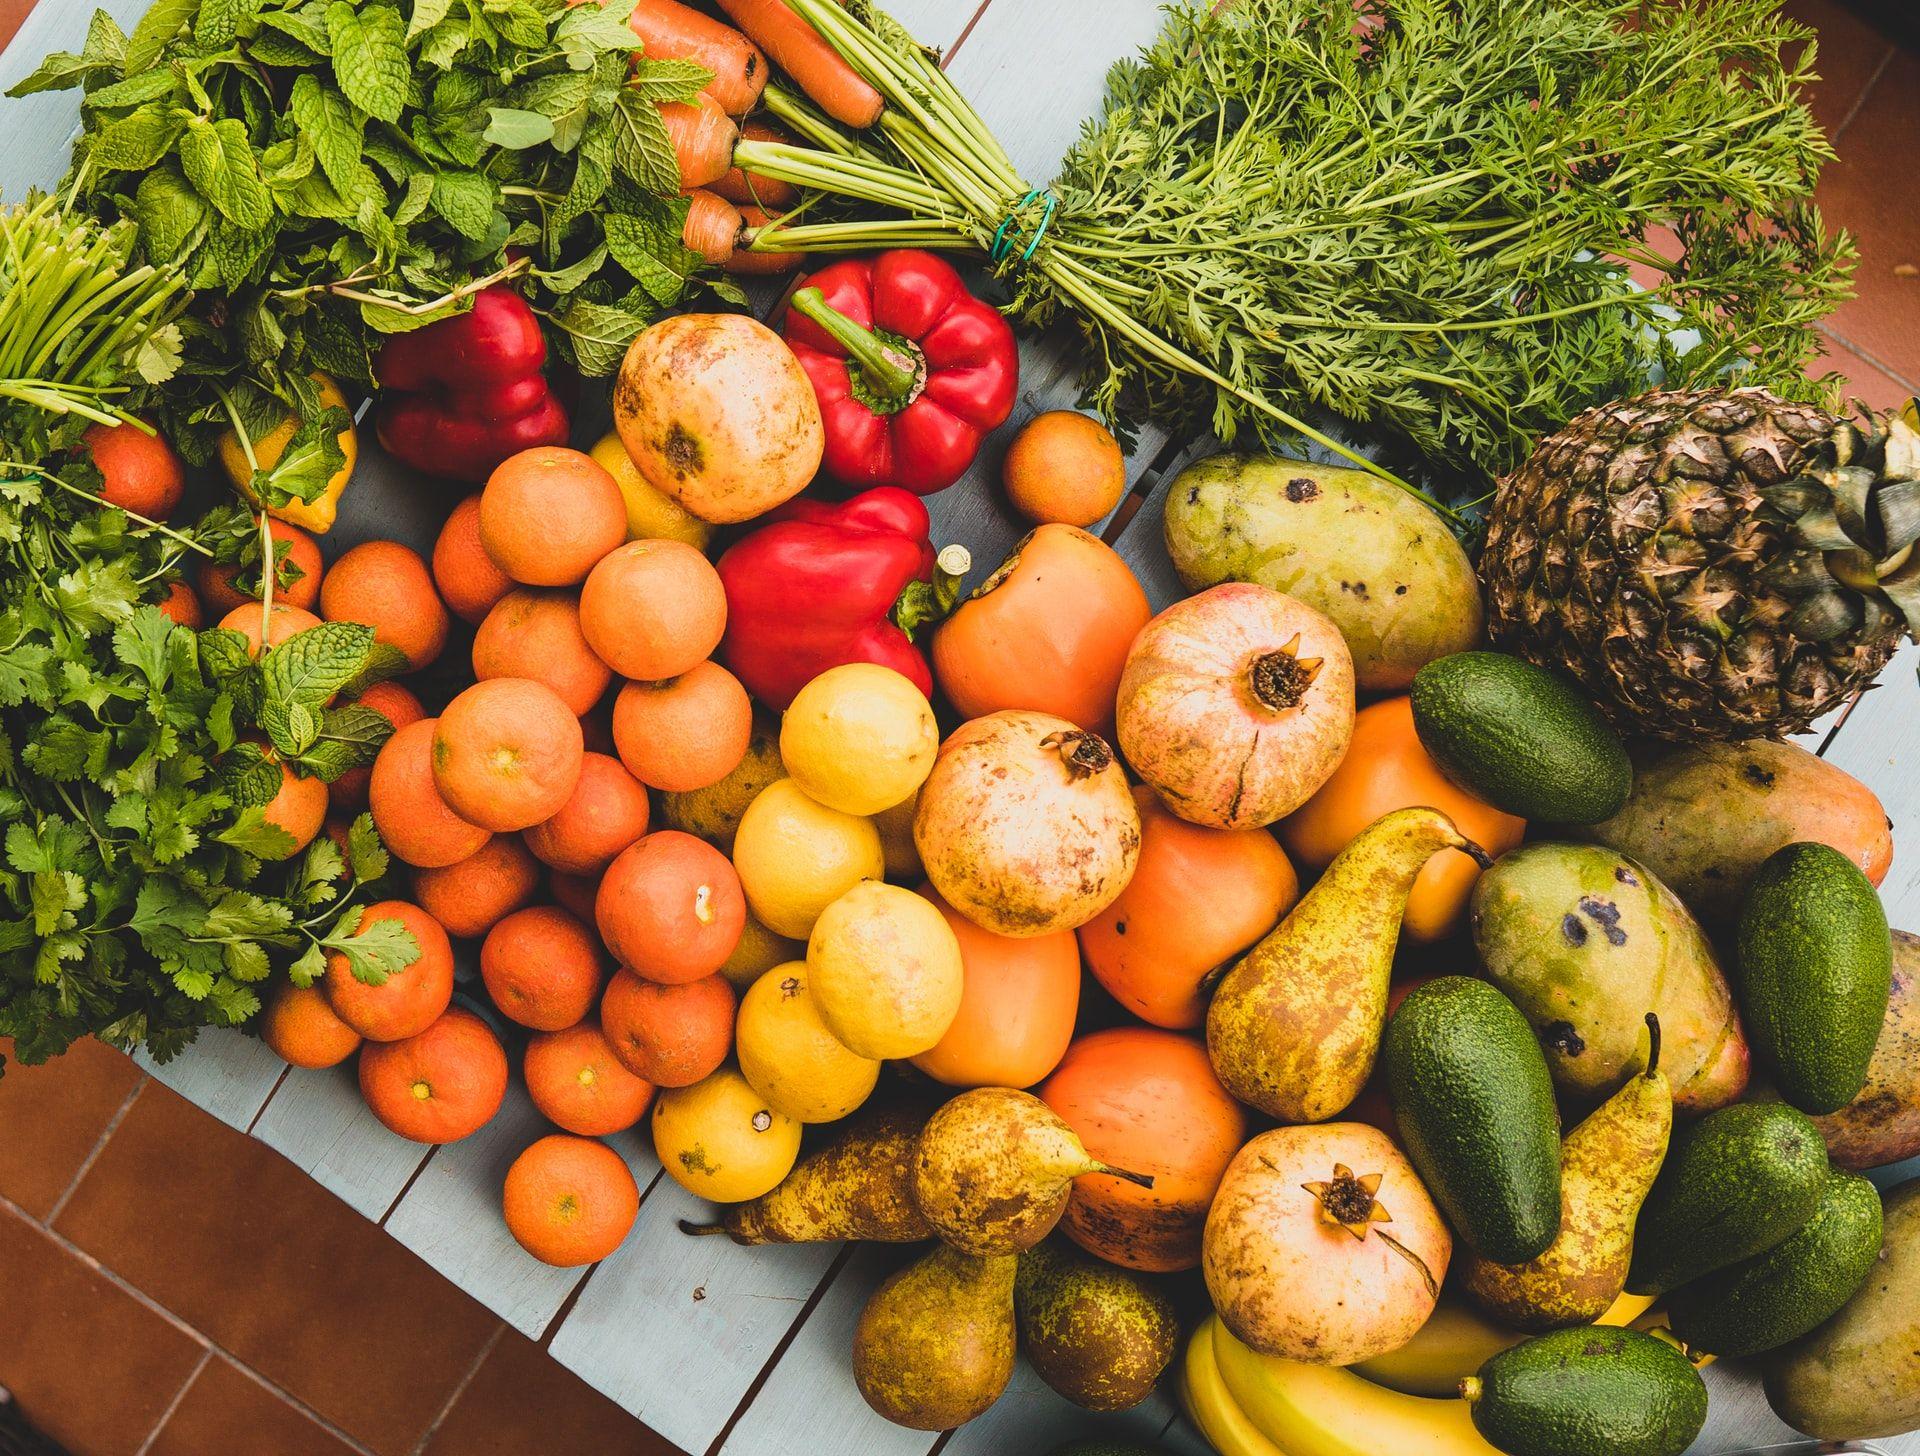 Οι βιταμίνες είναι αναπόσπαστο κομμάτι της διατροφής και θα πρέπει να συμπεριλαμβάνονται σε κάθε γεύμα.